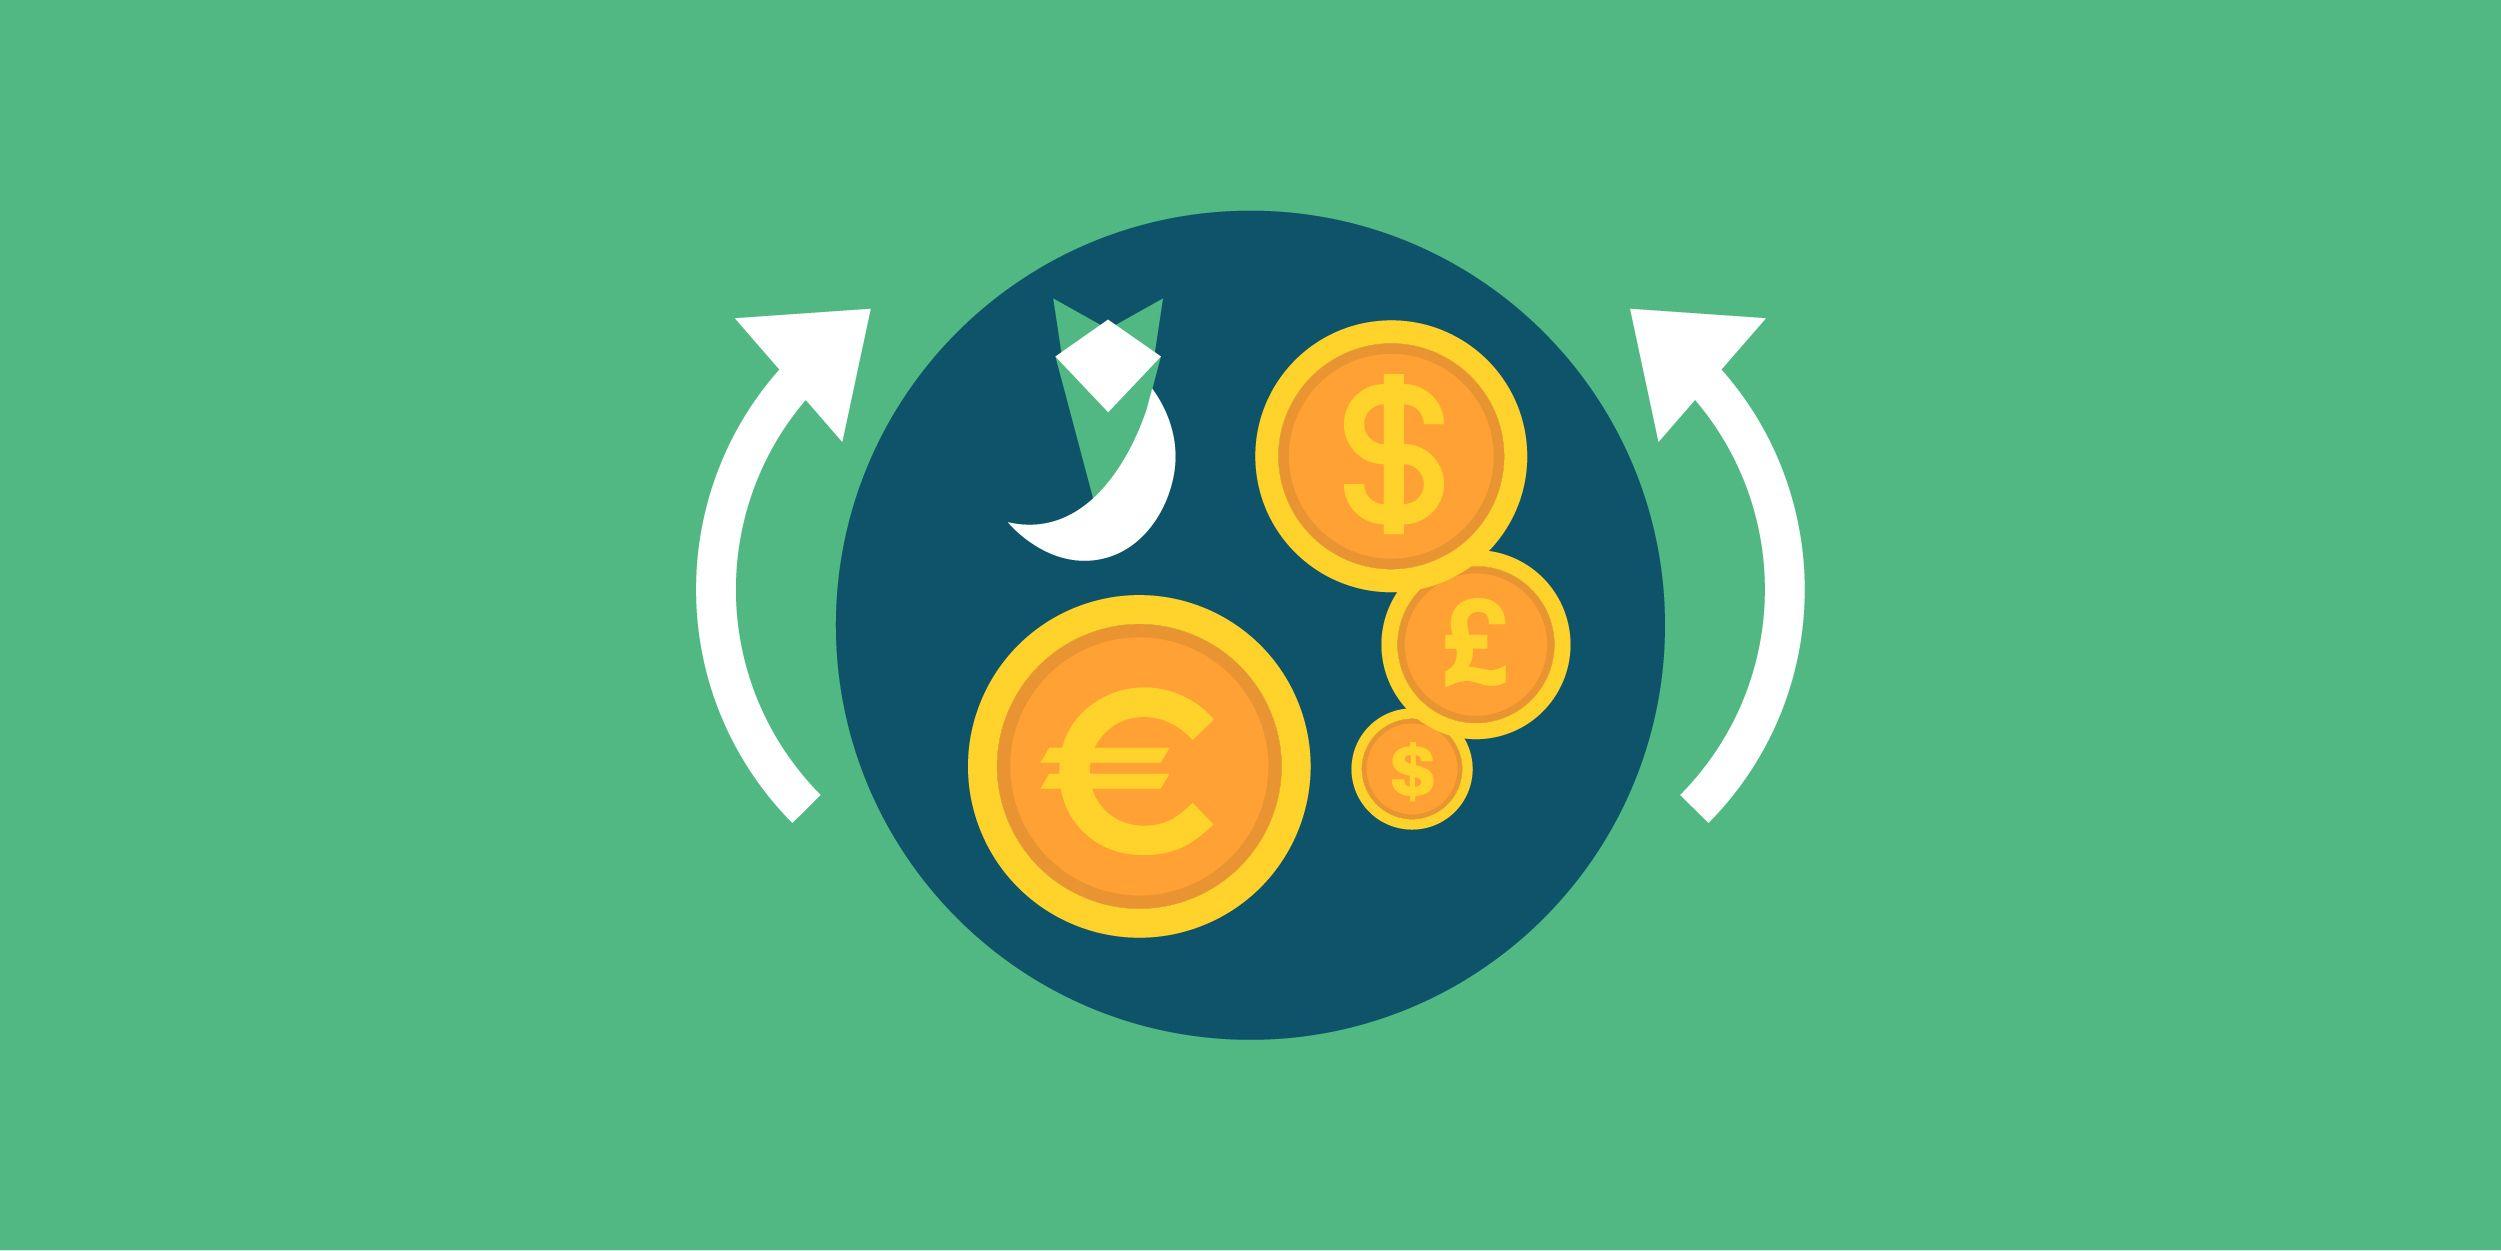 أسعار العملات الأجنبية اليوم: الإثنين 26 يوليو 2021